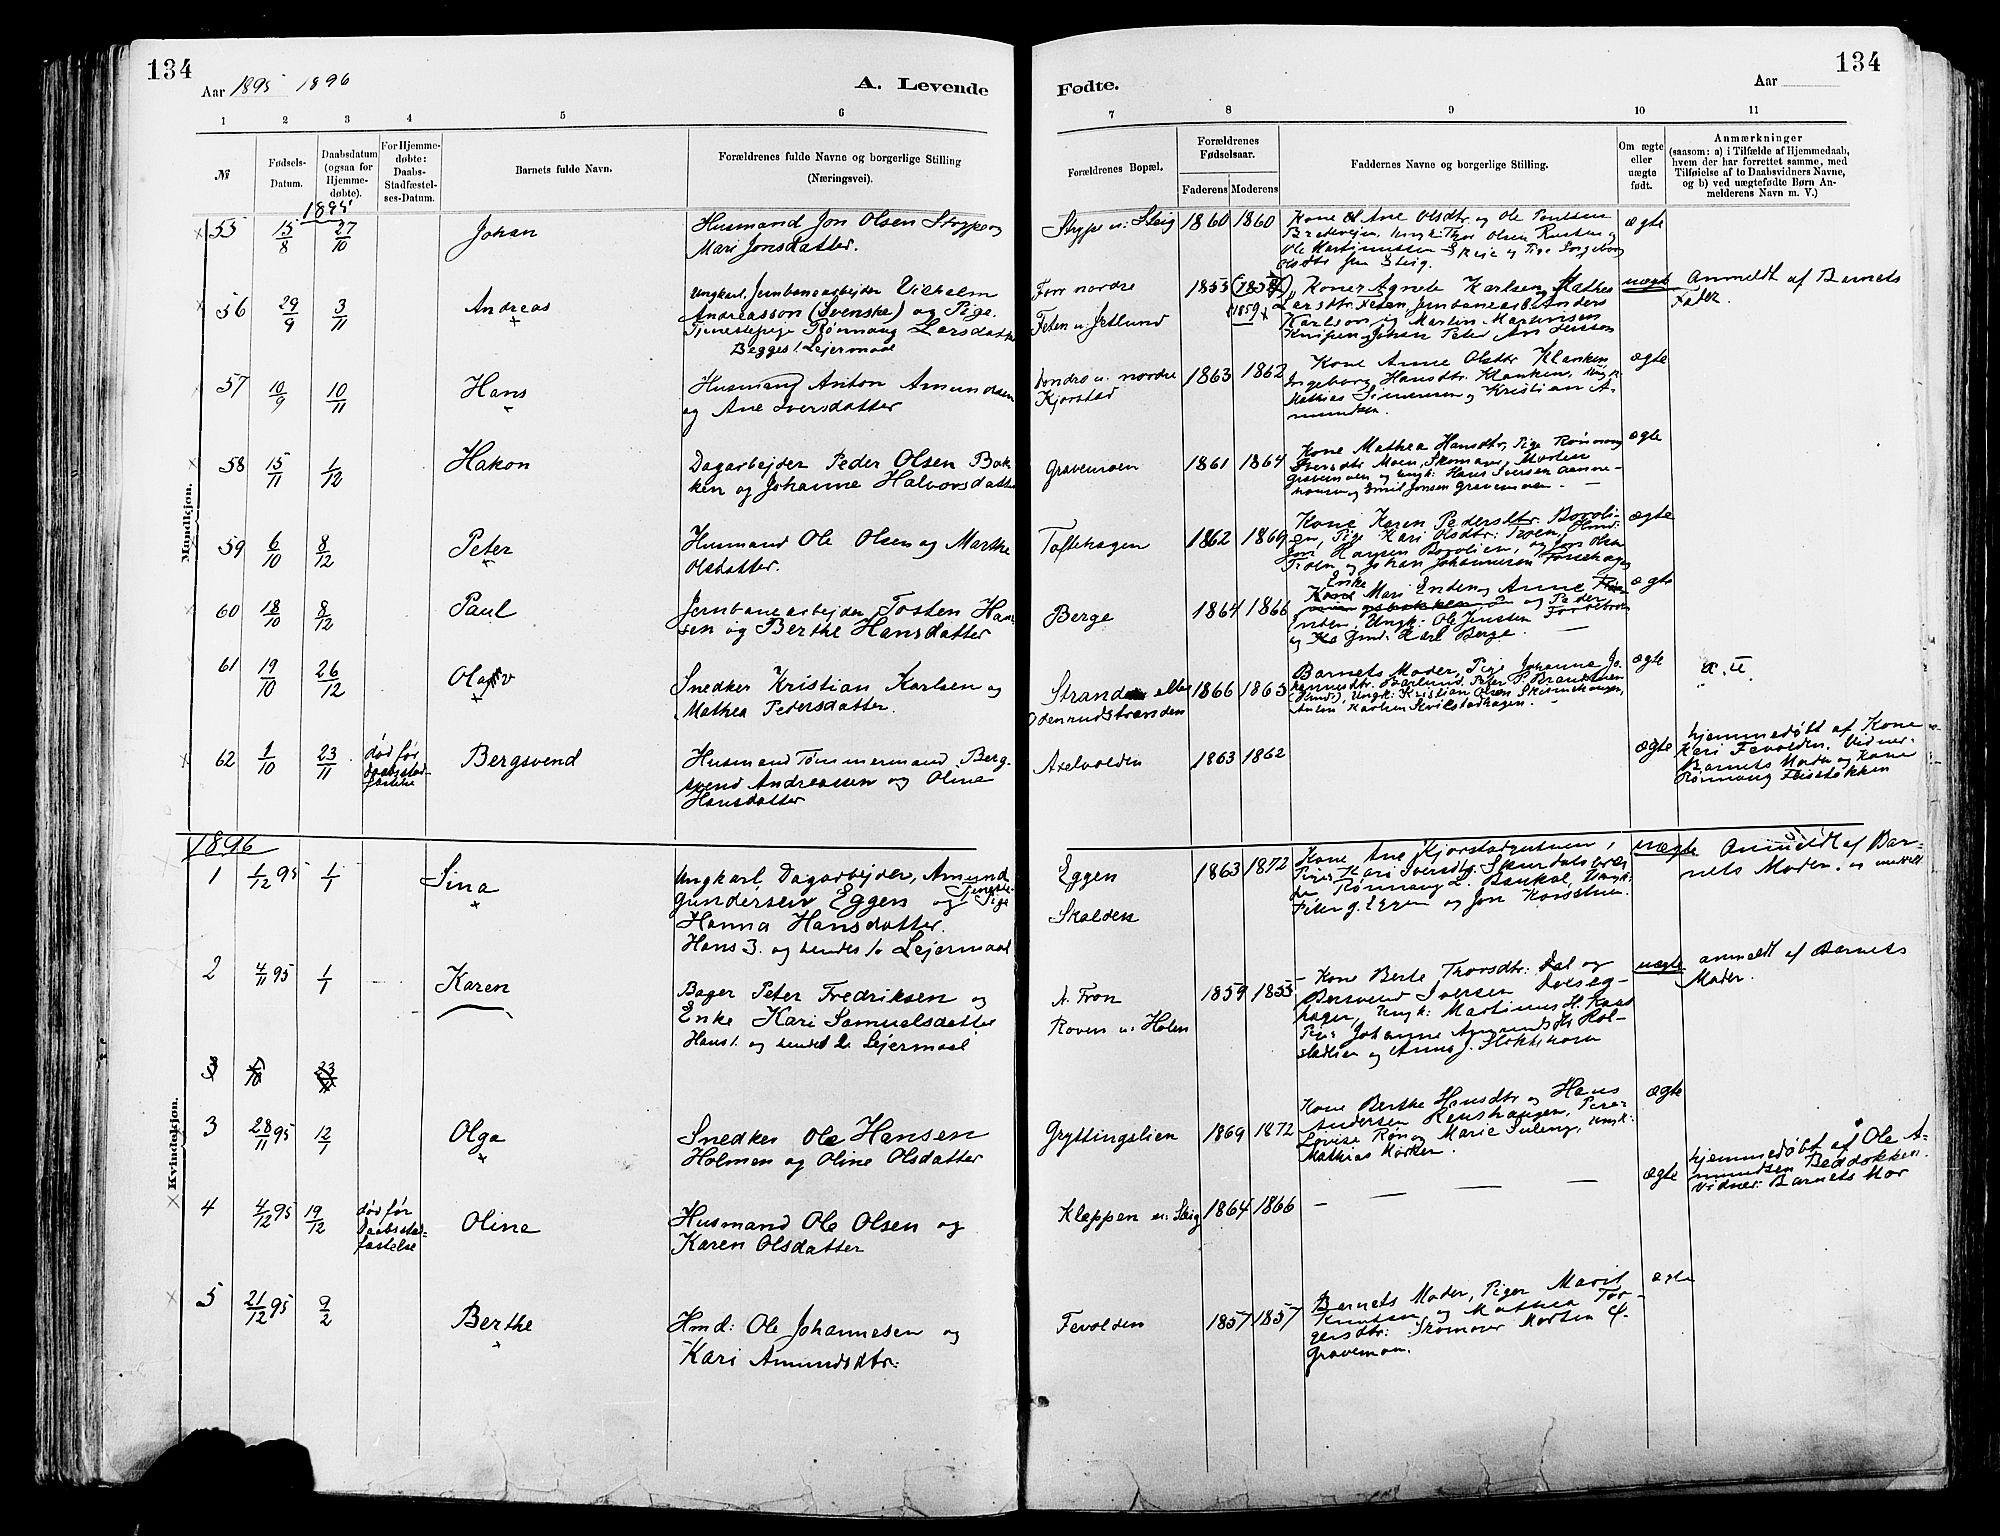 SAH, Sør-Fron prestekontor, H/Ha/Haa/L0003: Ministerialbok nr. 3, 1881-1897, s. 134